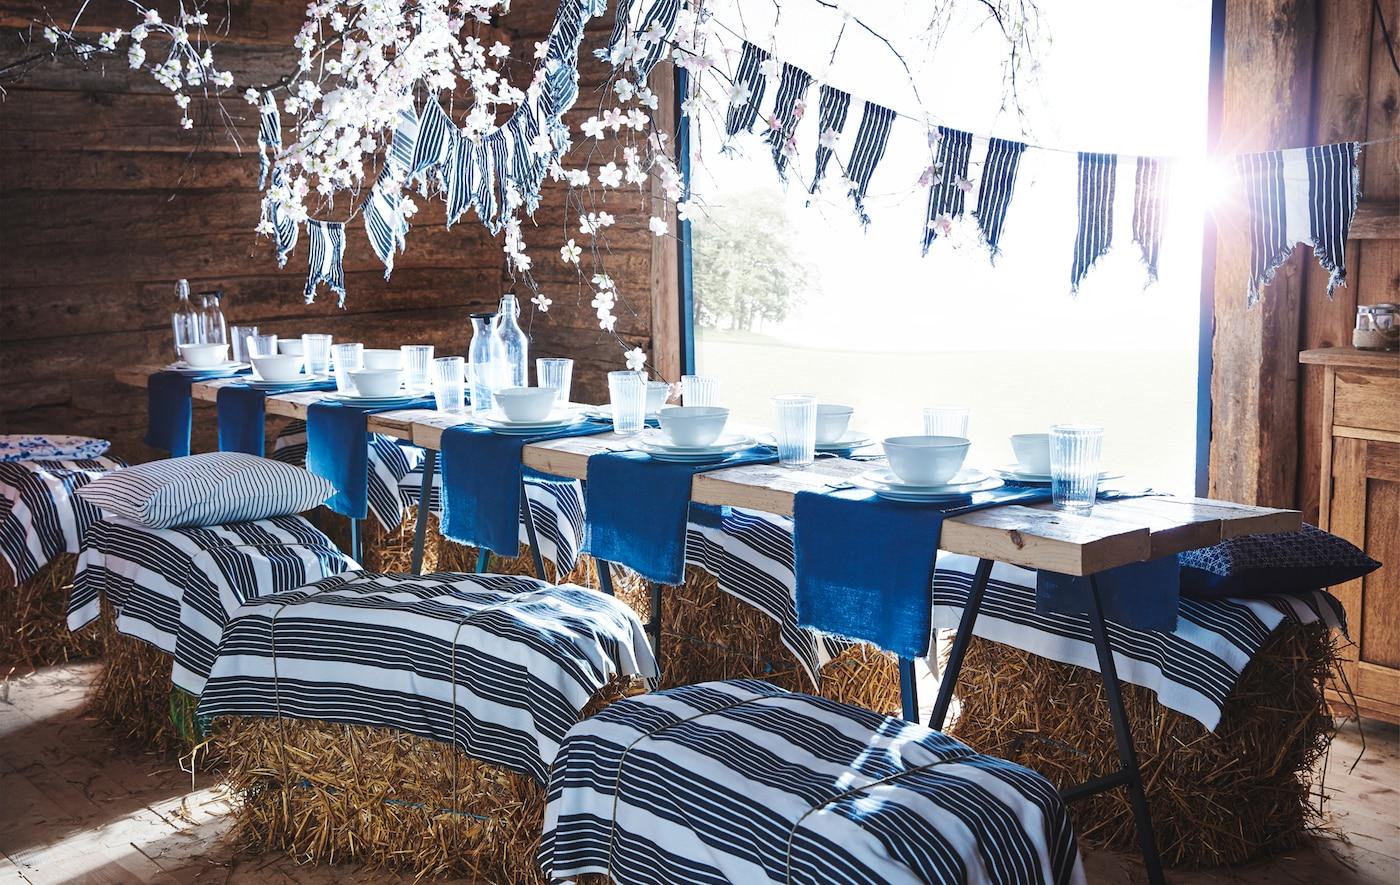 Una mesa larga en un cobertizo de madera con vajilla azul y blanca, y tela a rayas usada como banderín y atada a fardos de heno que se usan a modo de asientos.